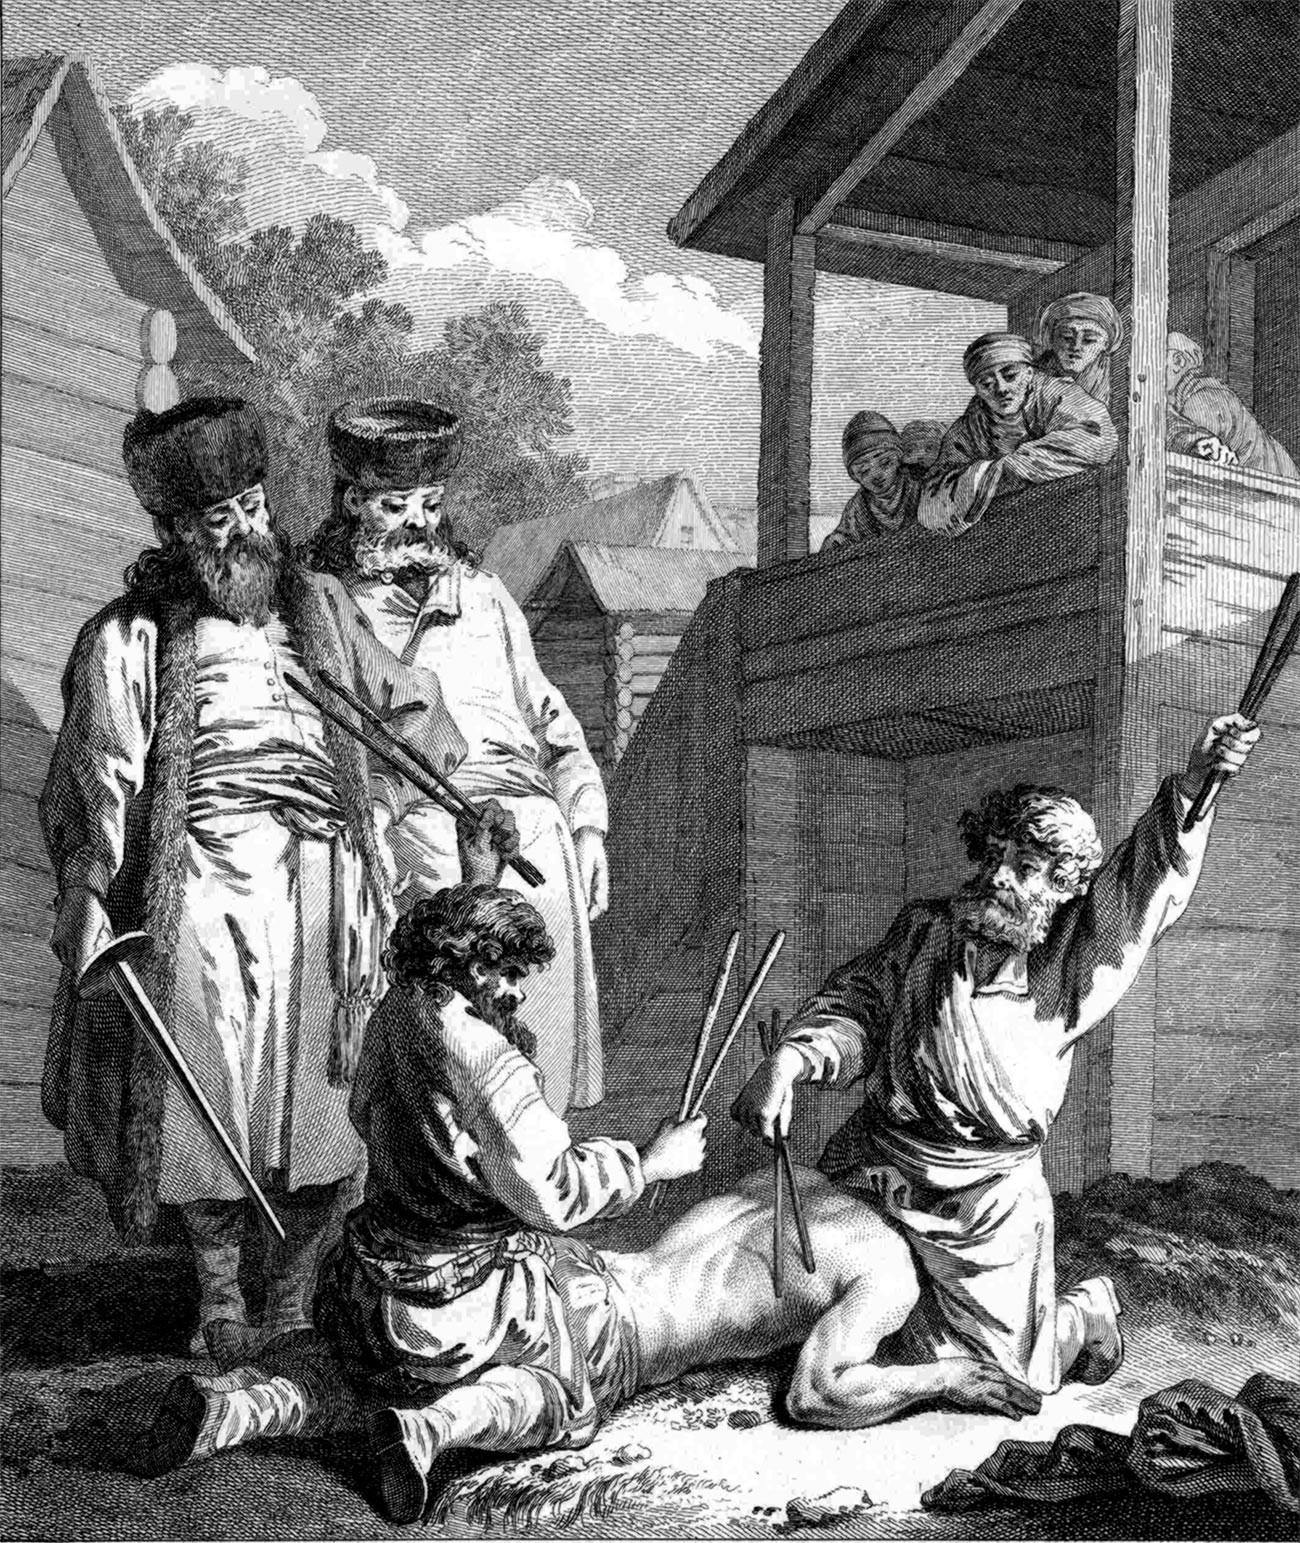 La punizione a colpi di bastone era piuttosto diffusa nella Russia dell'epoca